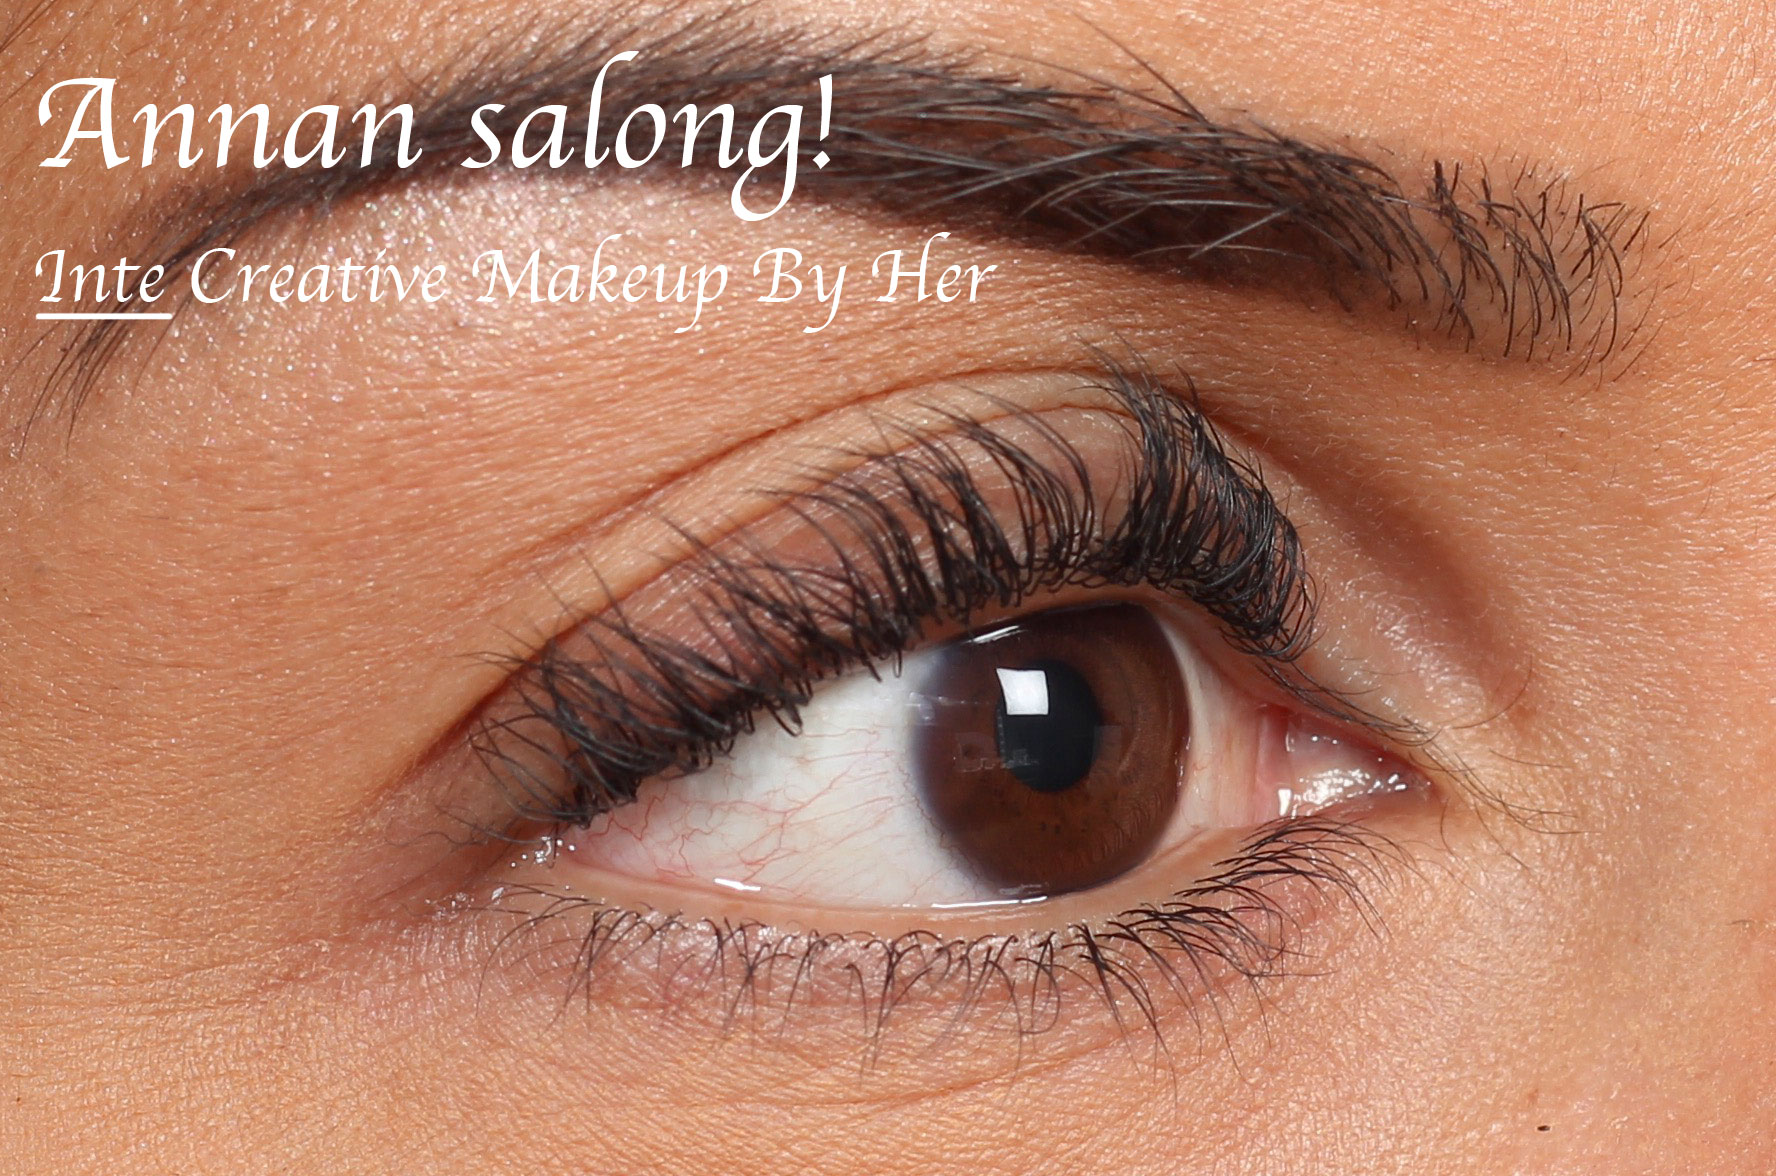 Rädda misslyckad ögonfranspermanent (Lash Lift)